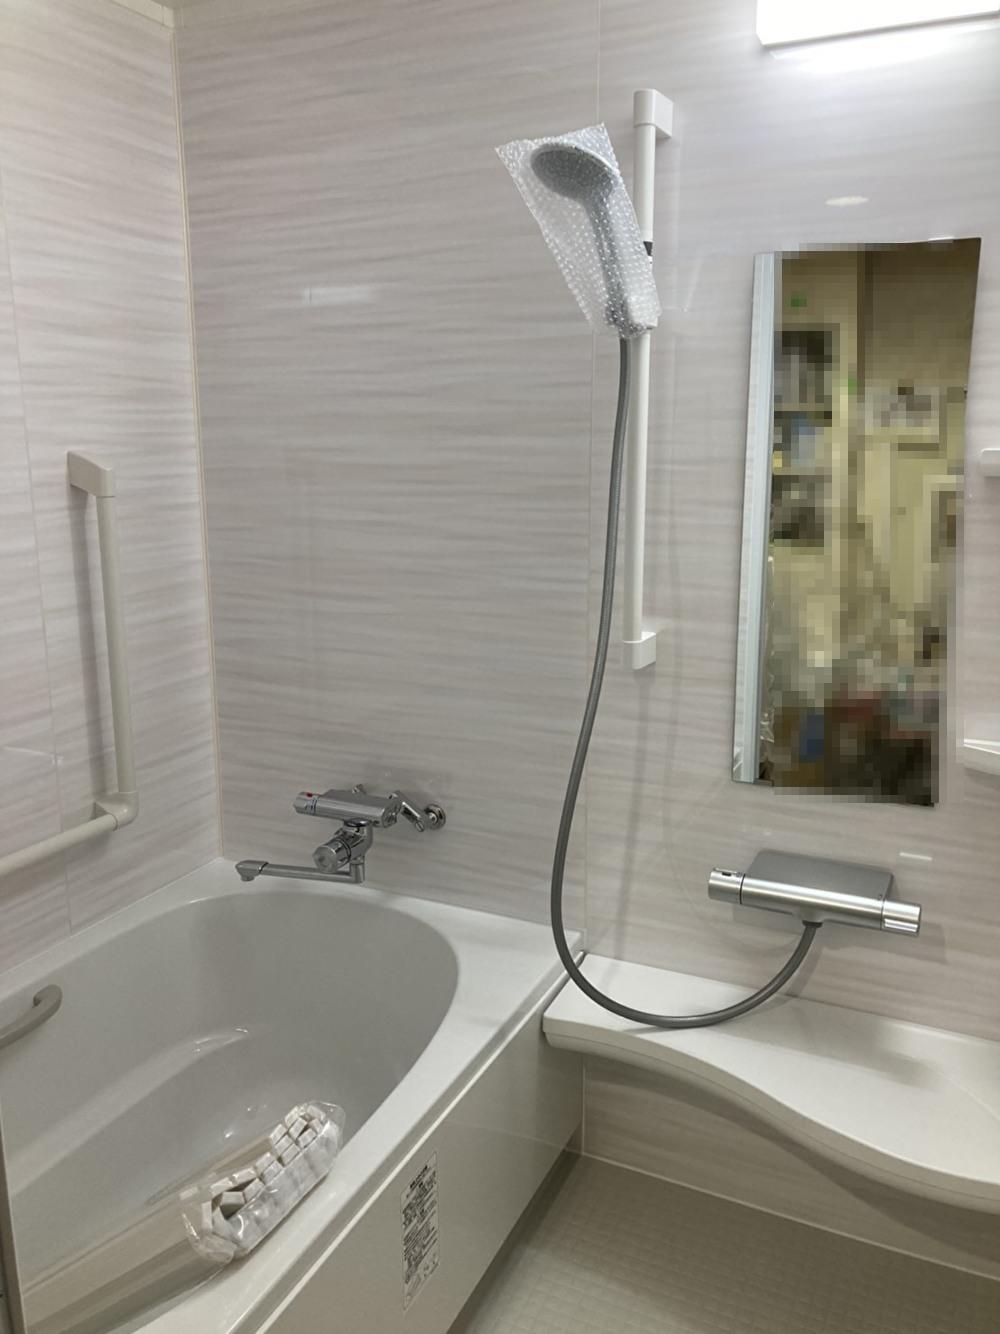 マンション お風呂、トイレ交換工事